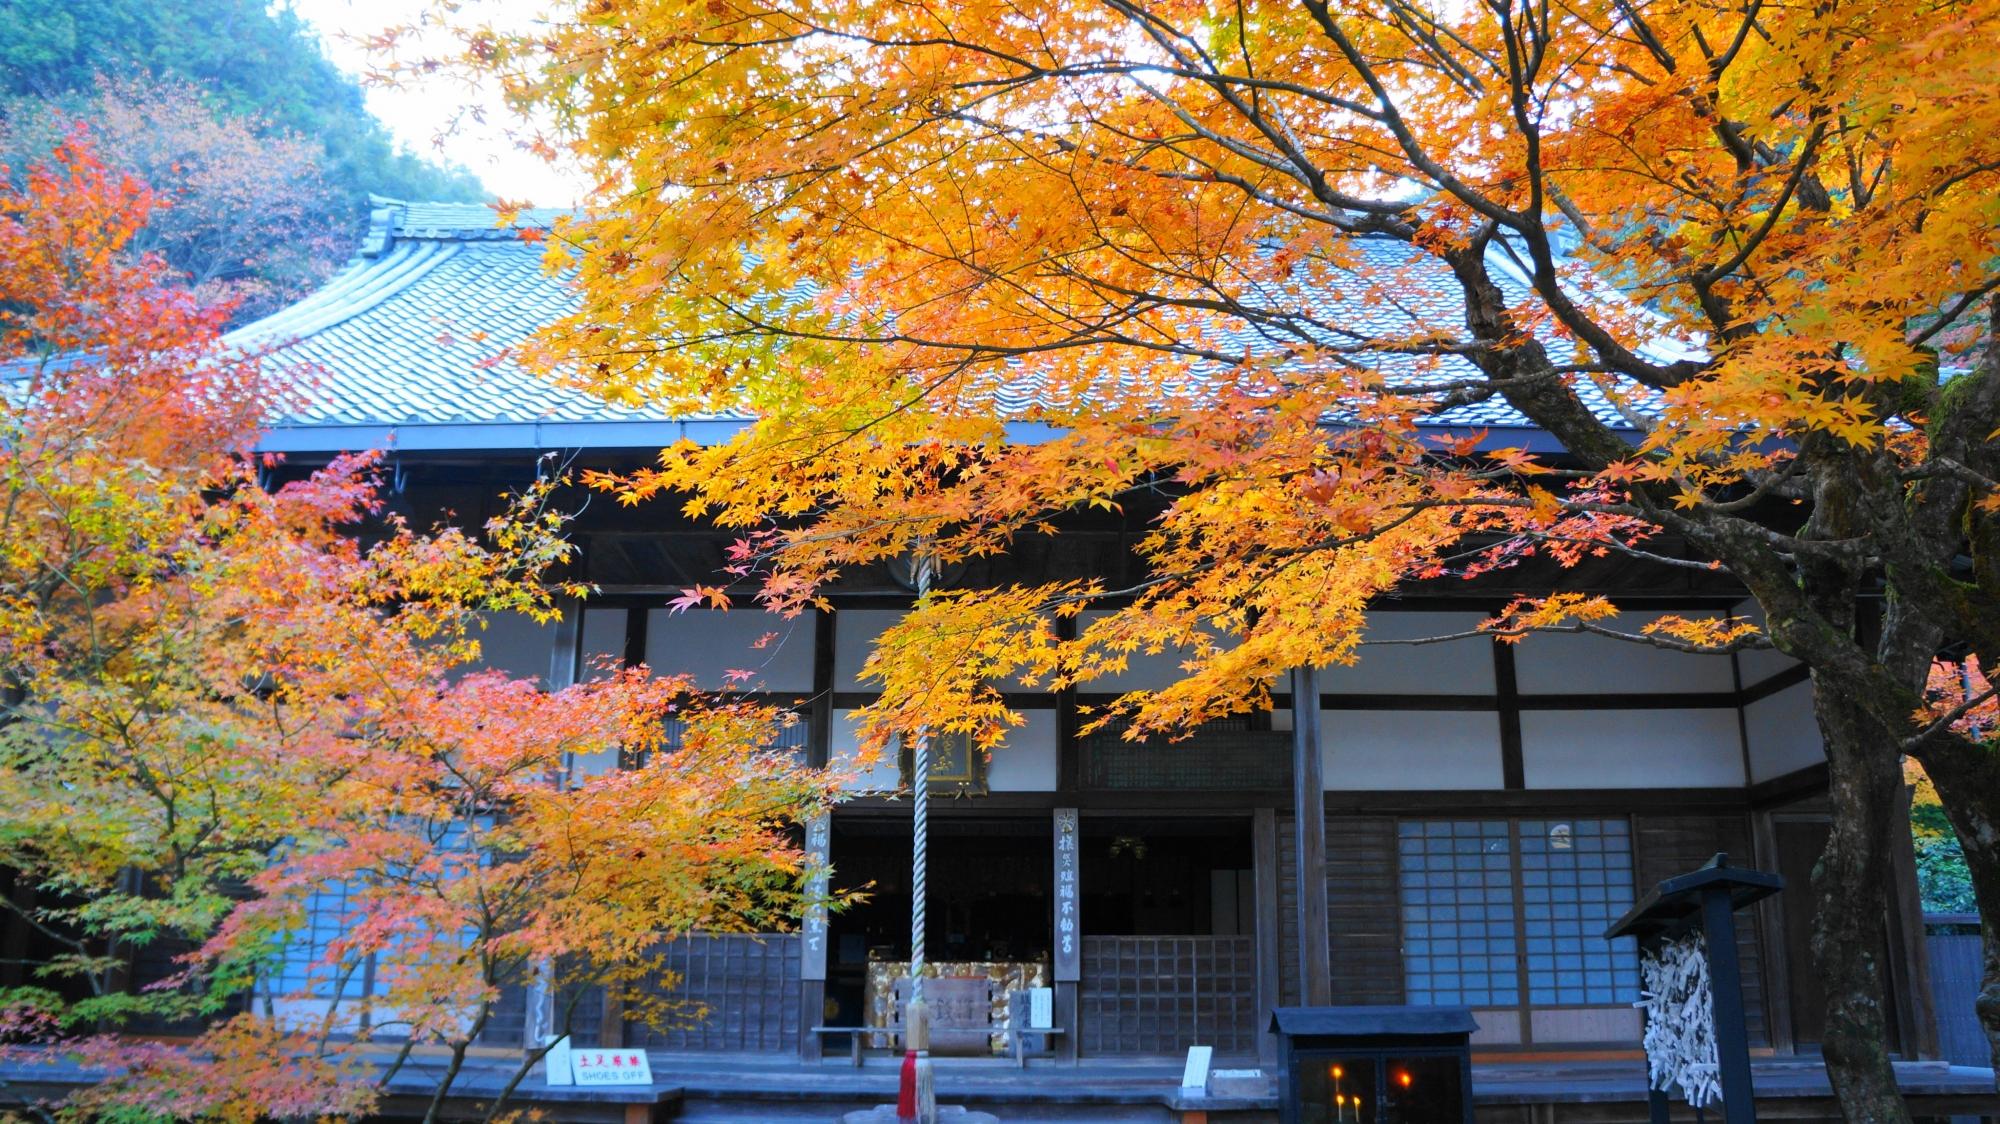 最勝院の本堂と華やかな紅葉